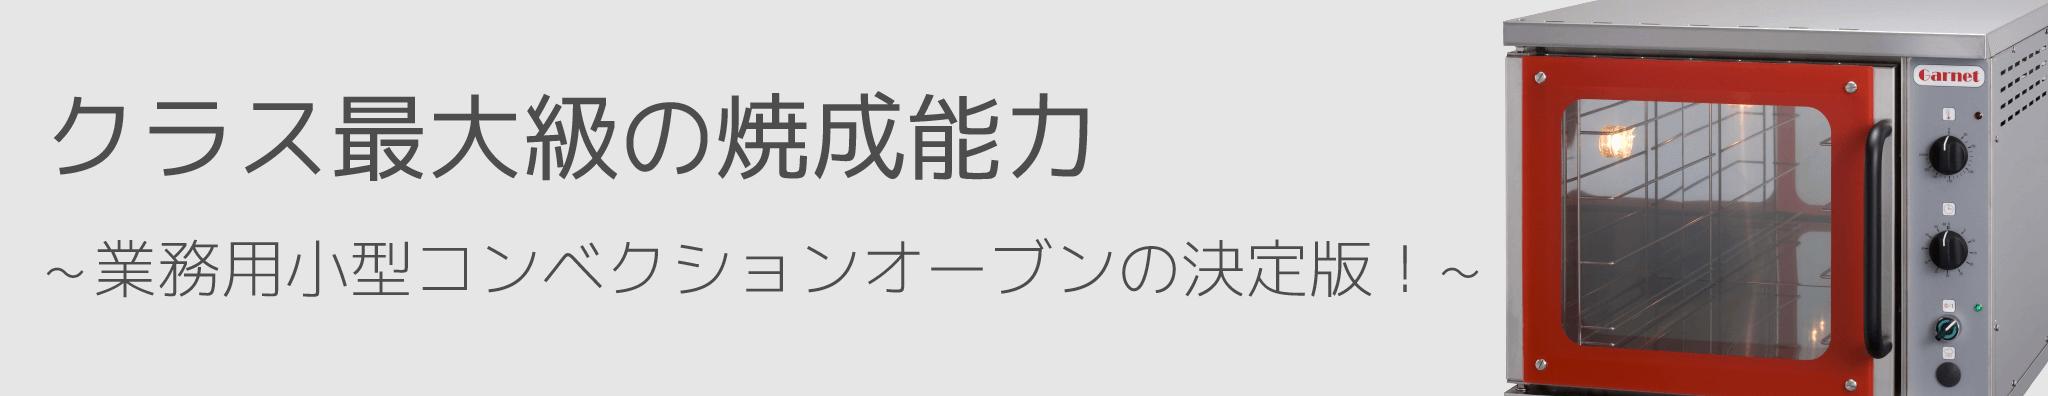 クラス最大級の焼成能力〜業務用の小型コンベクションオーブンの決定版!〜